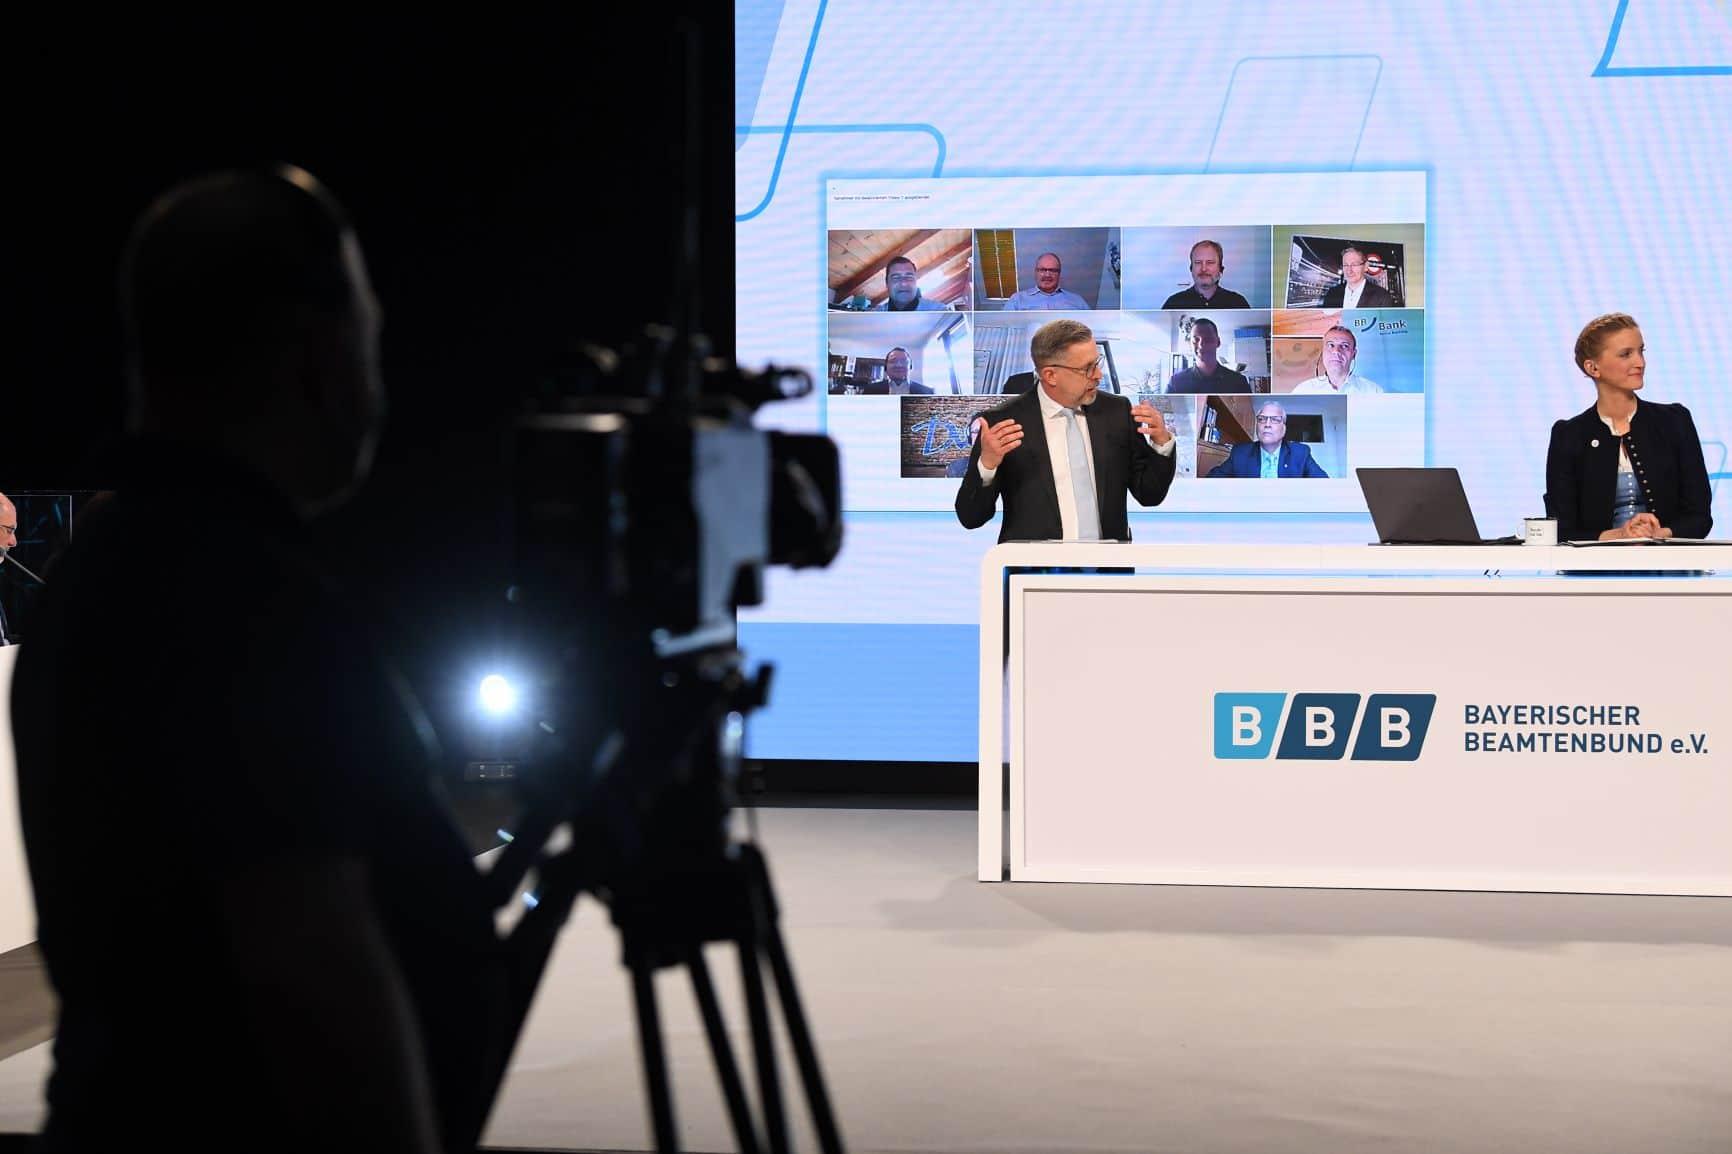 Bayerischer Beamtenbund 2021 Delegiertentag Kamera